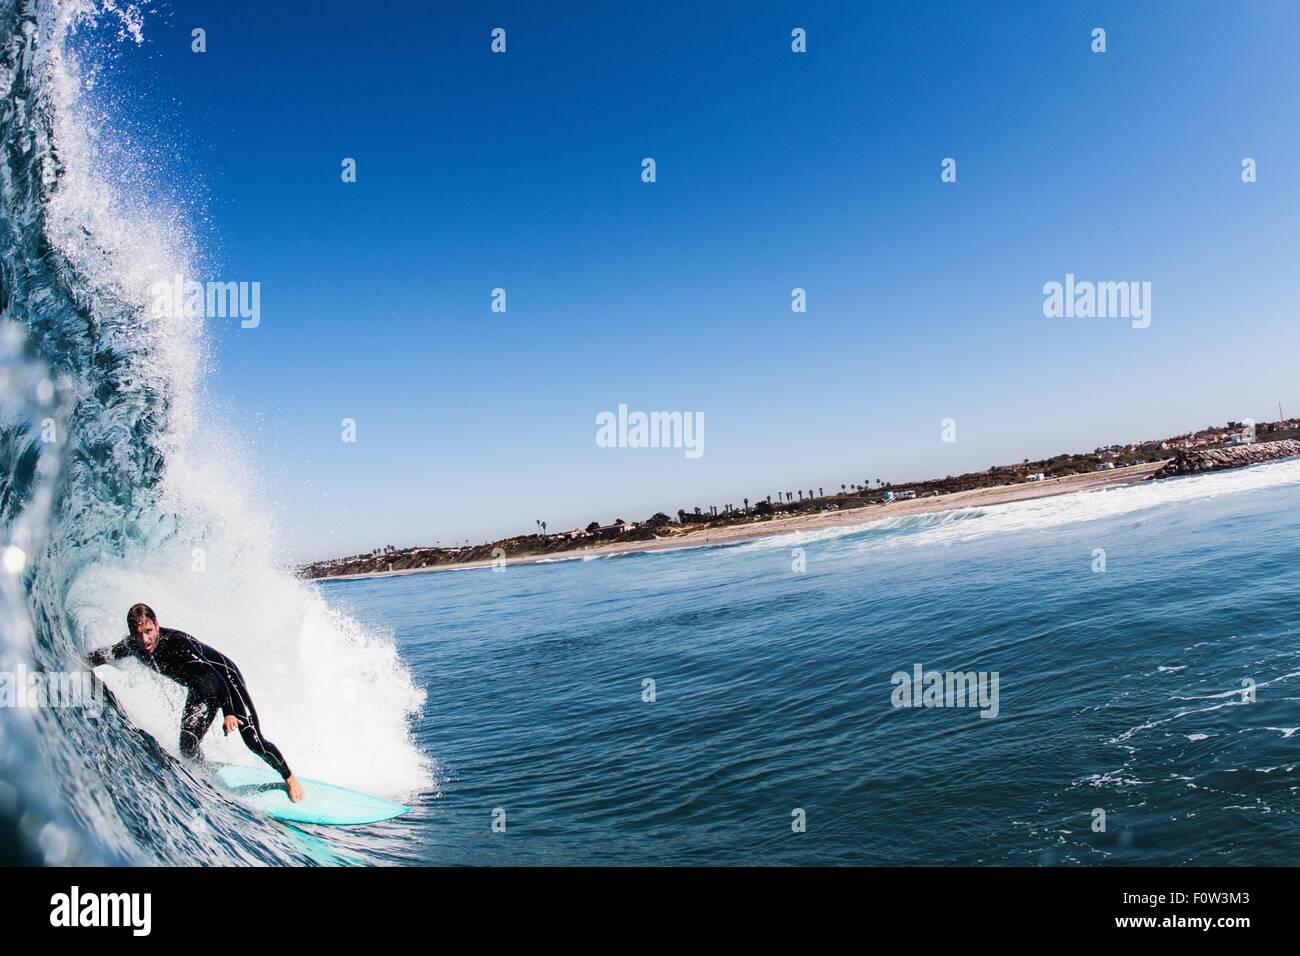 Nahaufnahme der Ozeanwelle und Mitte erwachsenen Mannes Surfen, Carlsbad, Kalifornien, USA Stockfoto